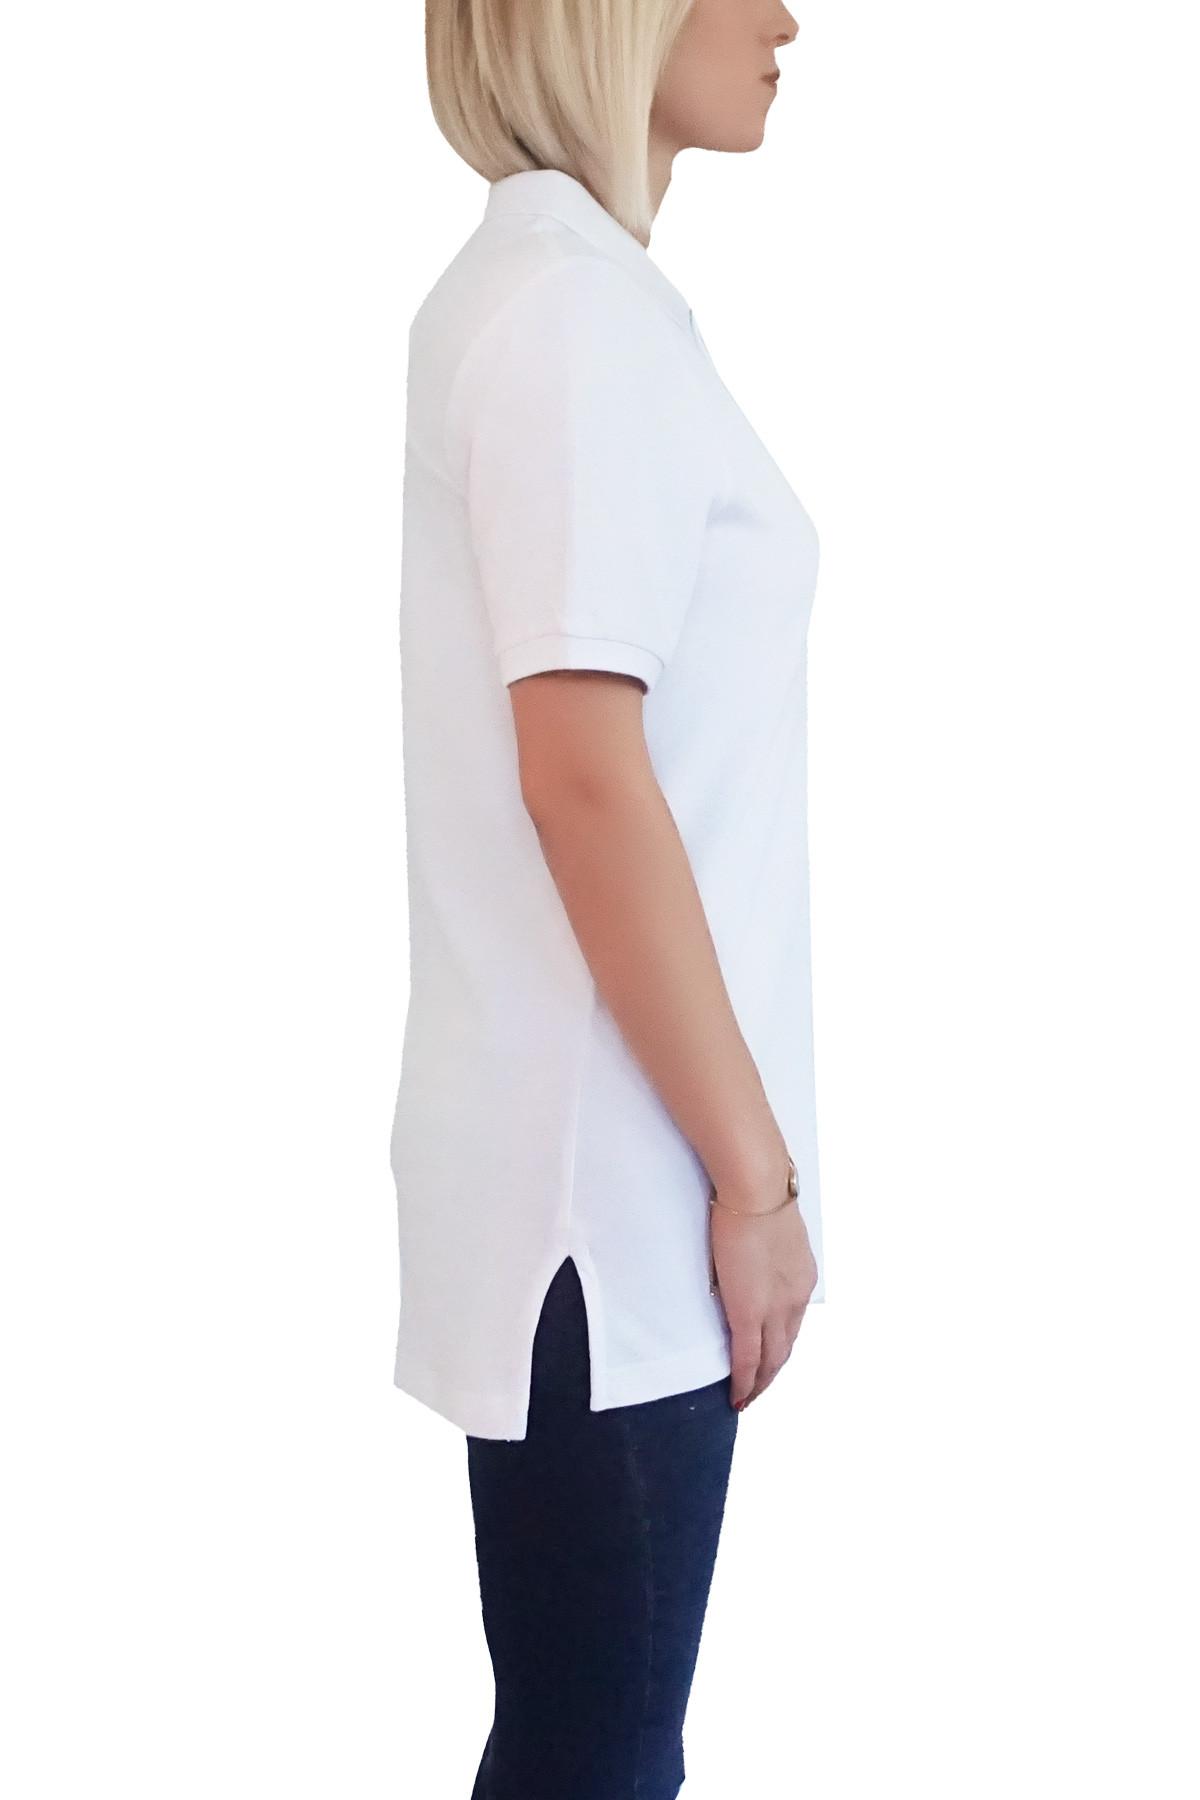 MOF Kadın Beyaz T-Shirt POLO-F-B 2